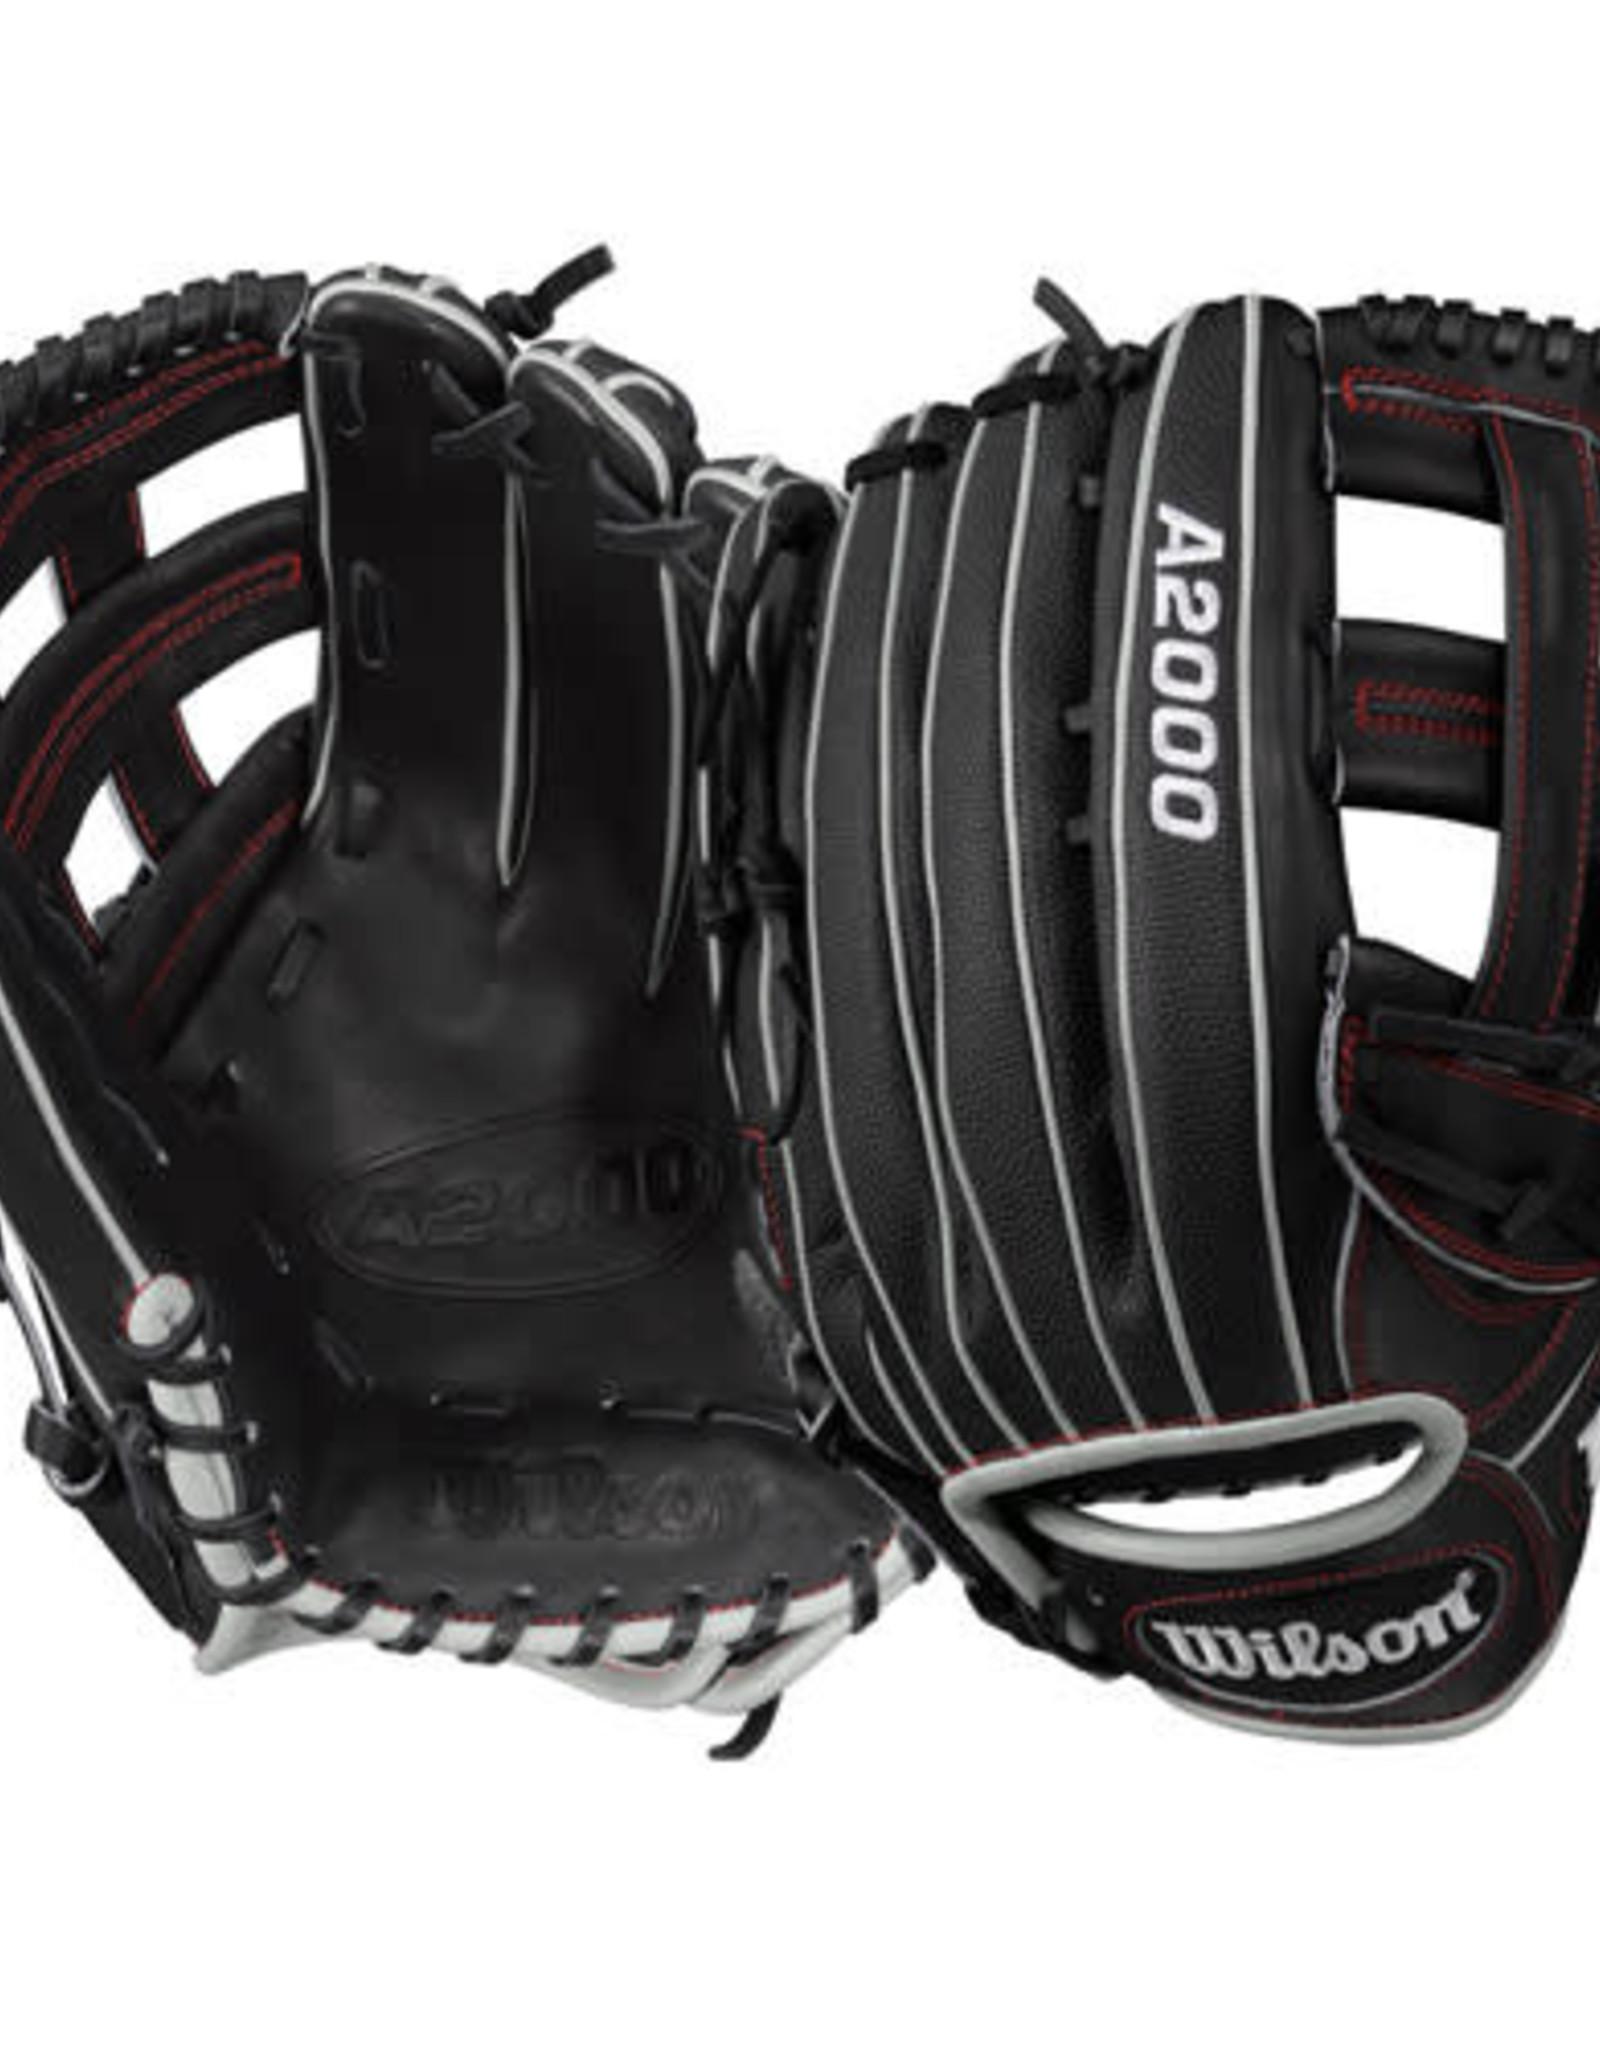 Wilson A2000 1799 Super skin 12.75 LH